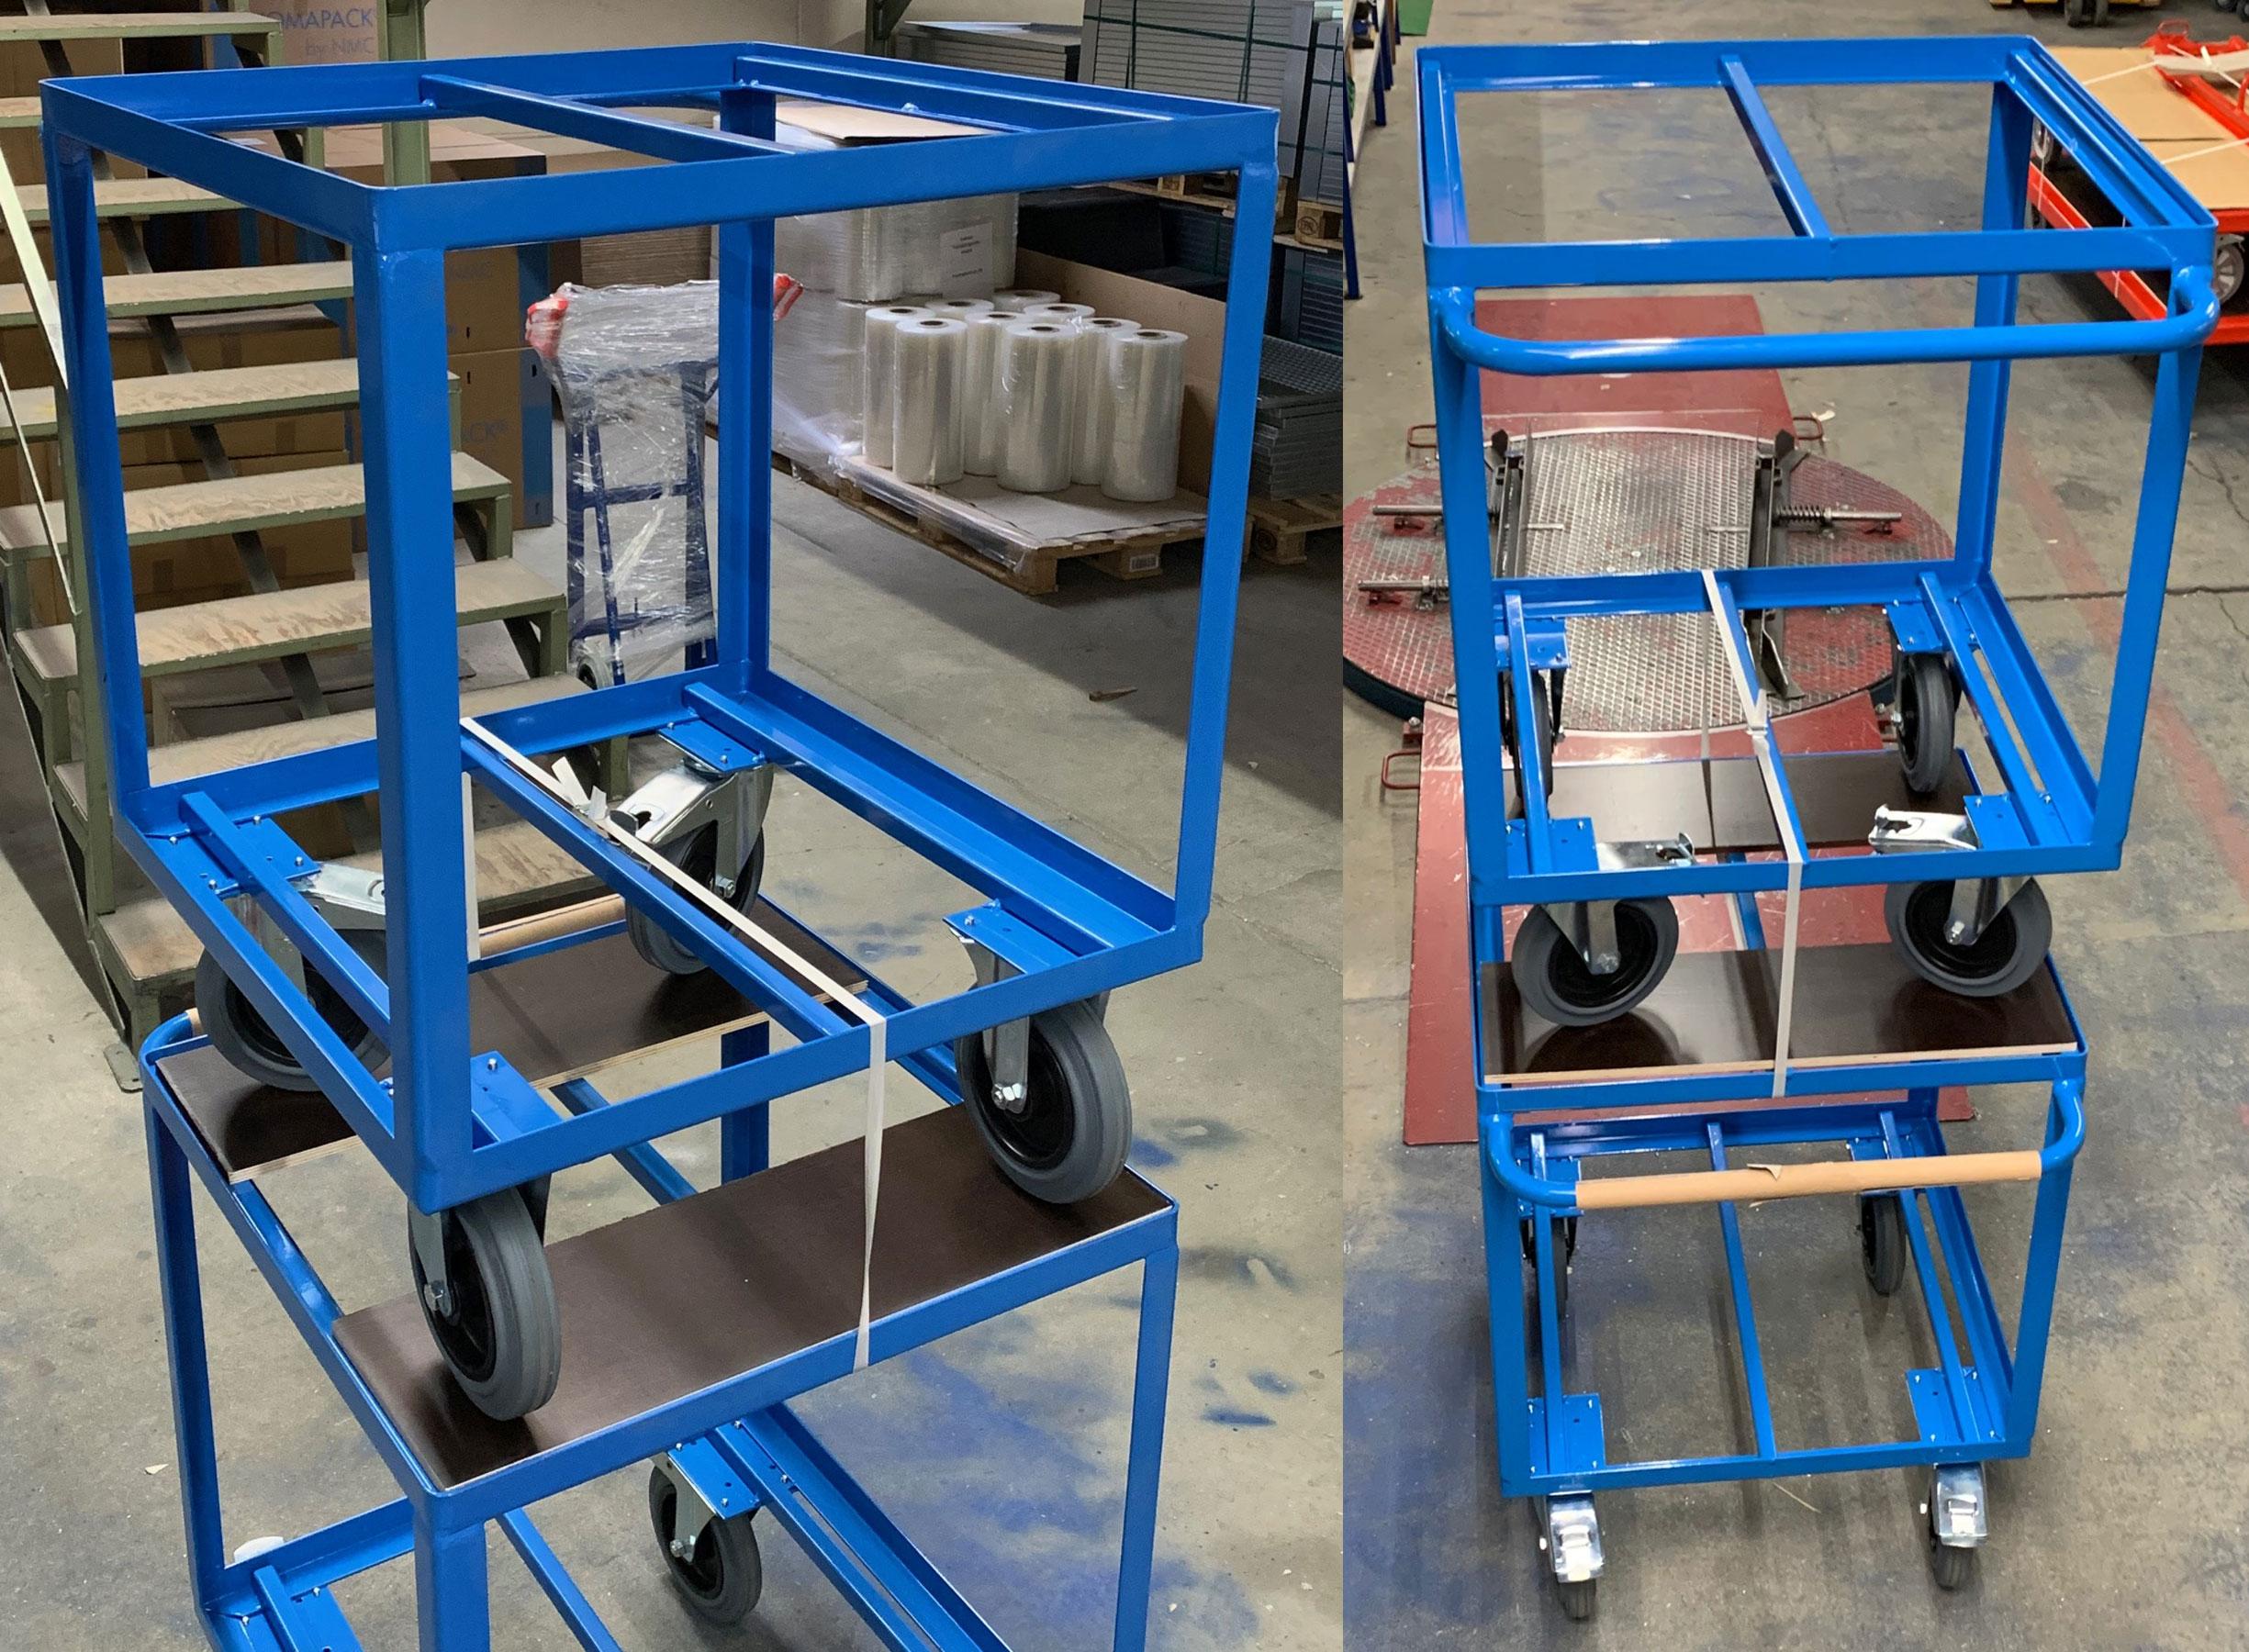 Etagenwagen 700x700 mm in RAL 5015 himmelblau gepulvert, ohne Etagenböden